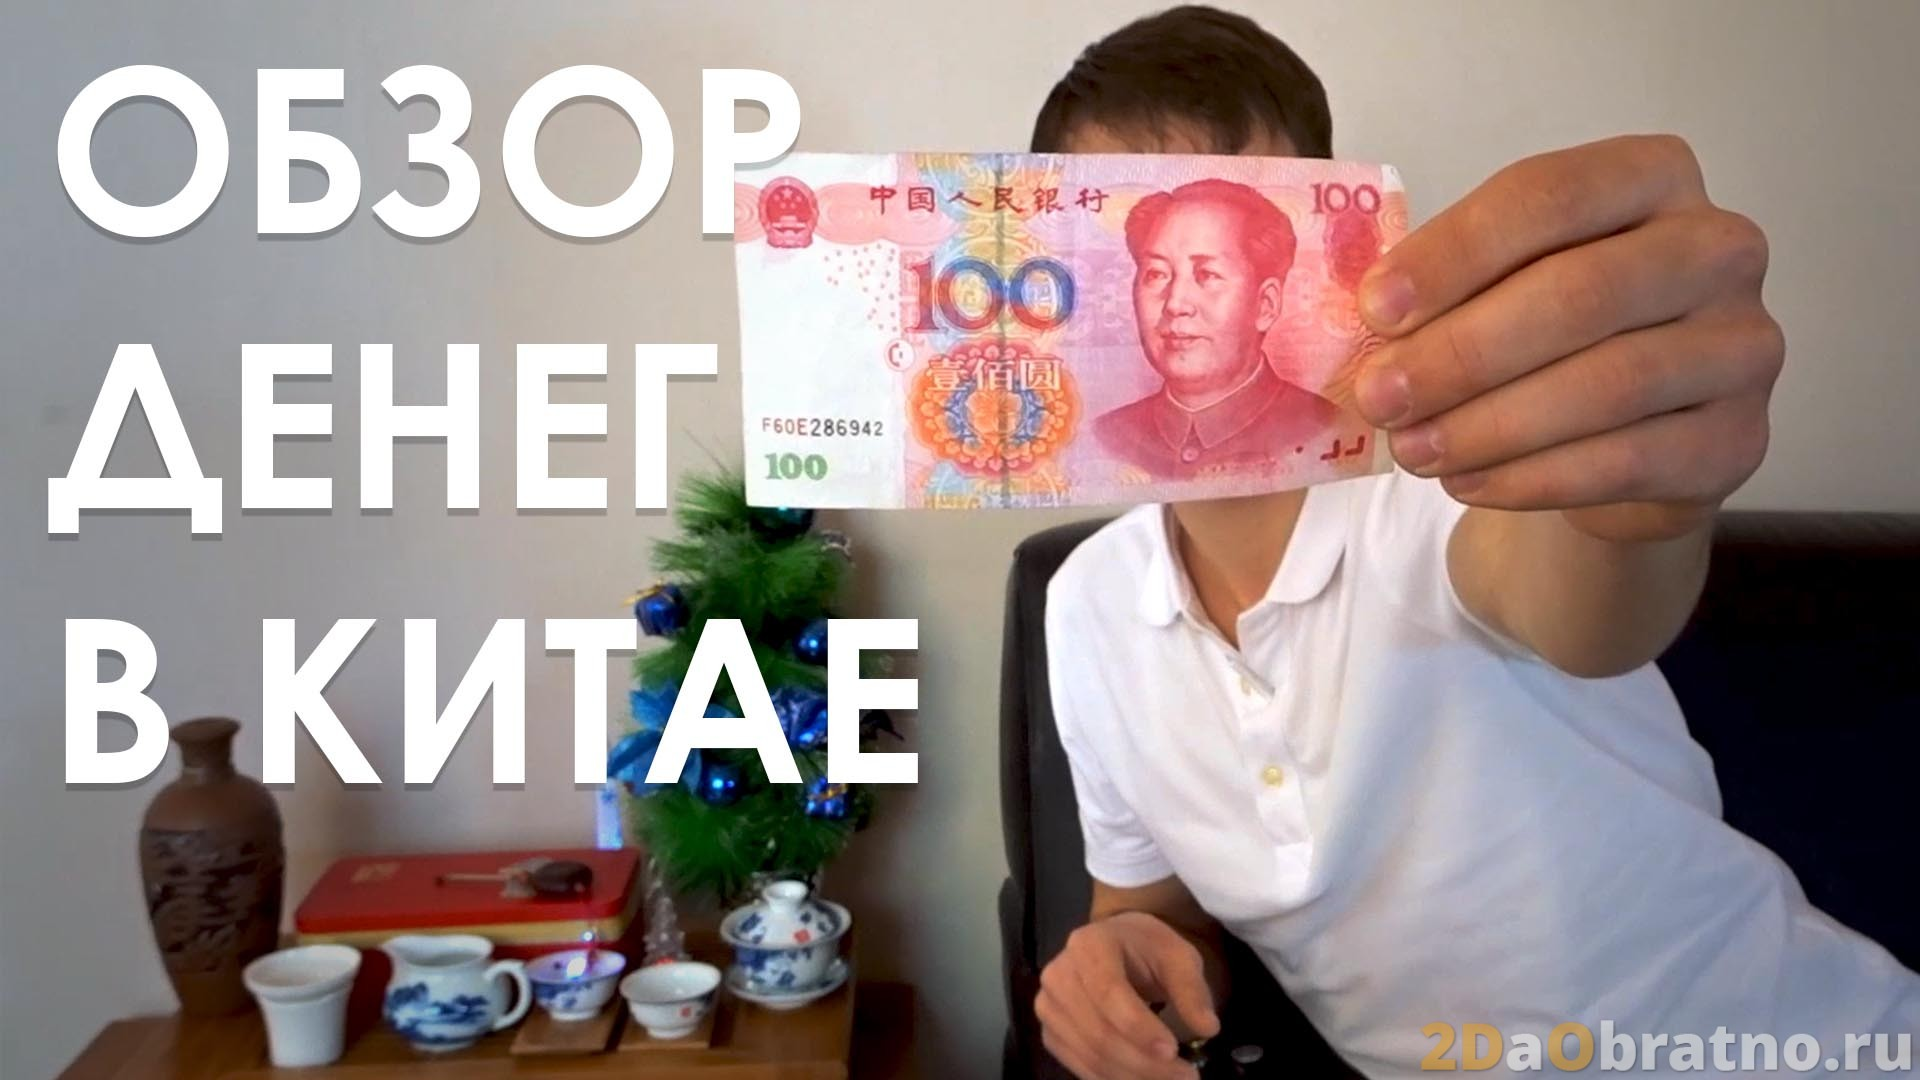 Китайский юань обзор